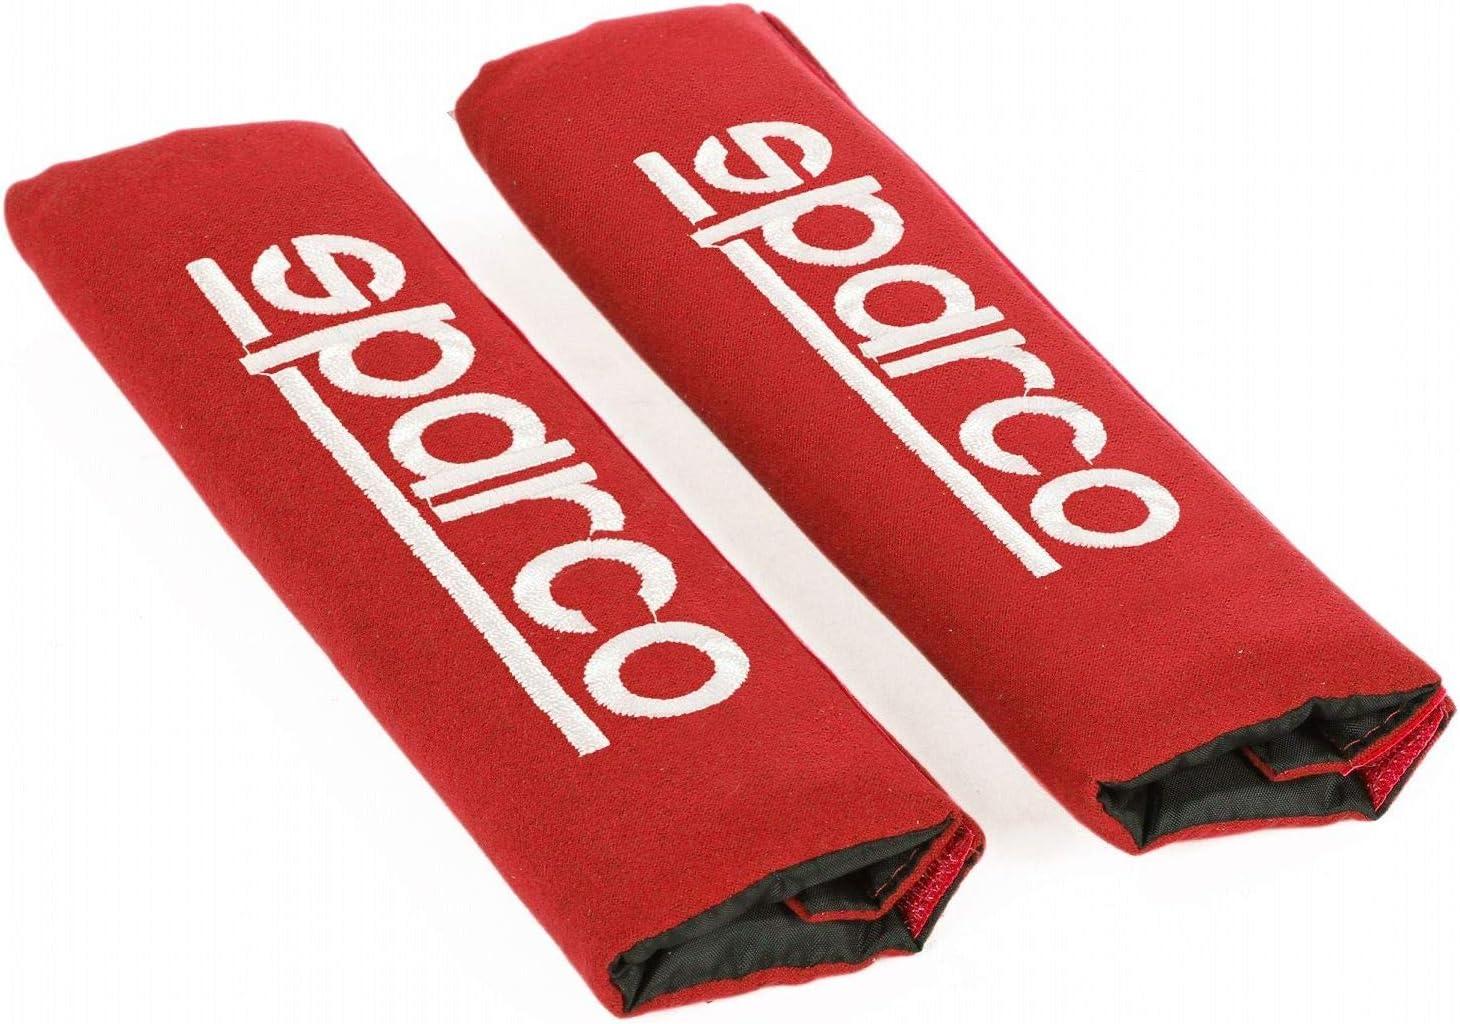 Schwarz /& SPC1204RD Sicherheitsgurt Gurt Protektor Auto Reisen 2 Einheiten Rot Set of 2 Sparco SPC0103 Schaltkn/äufe Racing